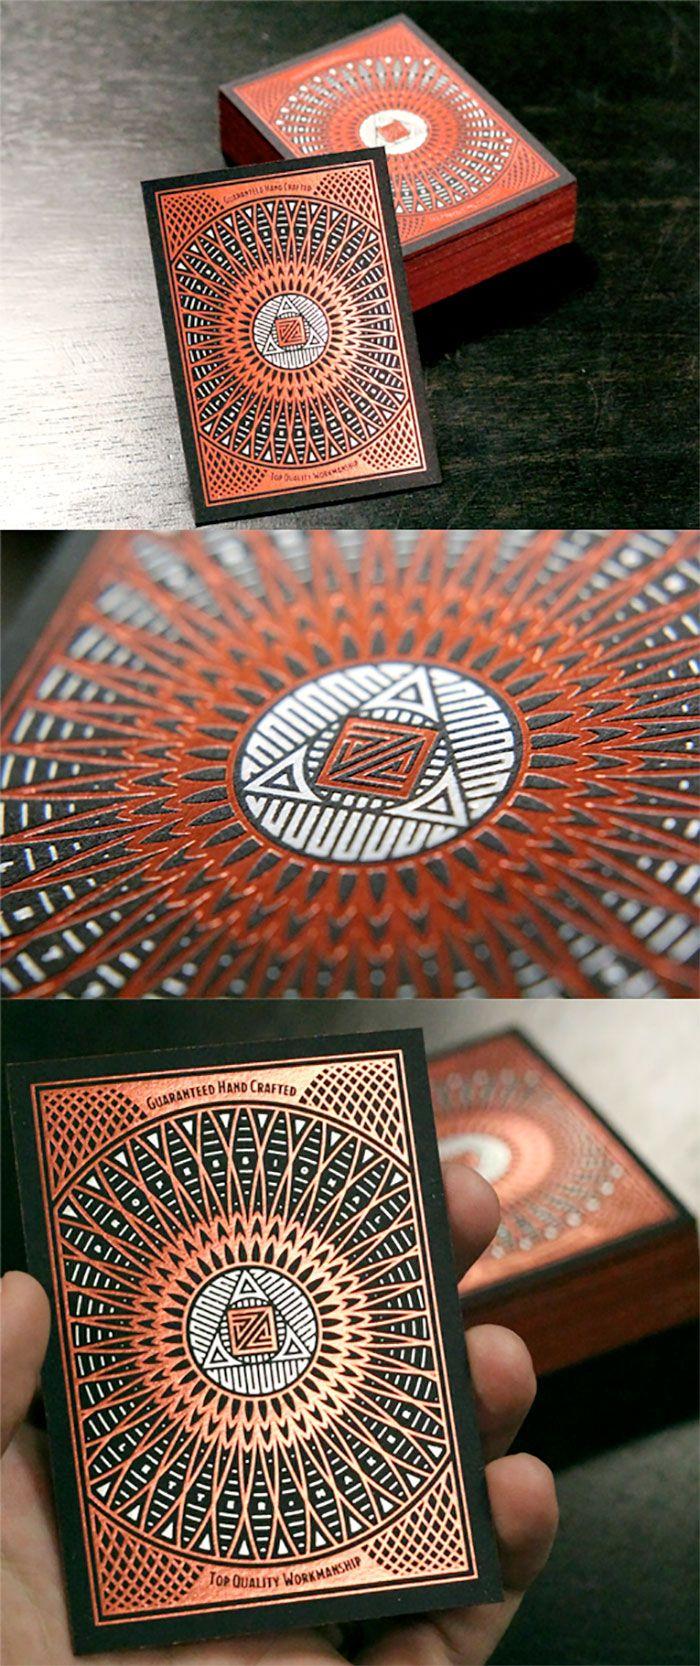 Foil stamped business card #design